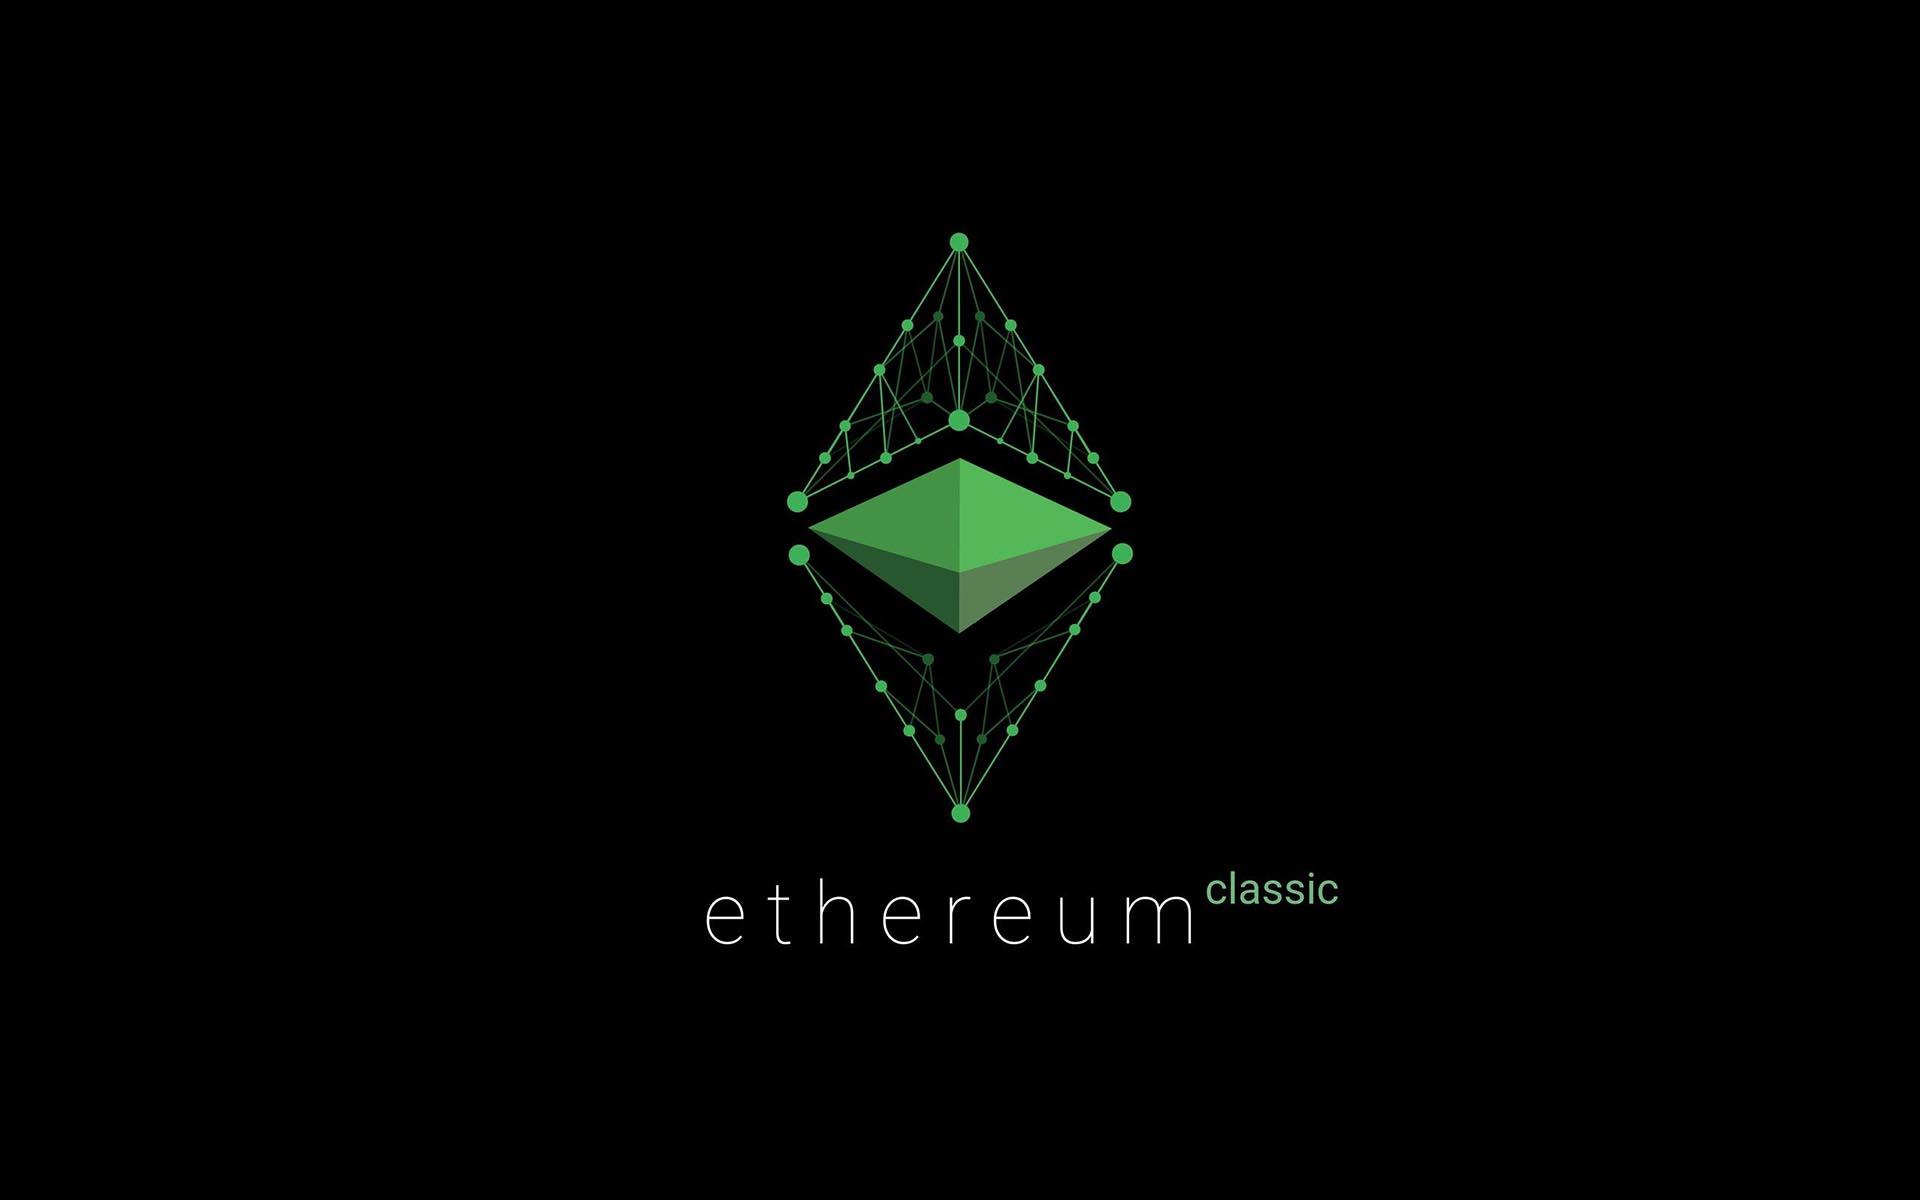 hình ảnh tiền ảo Ethereum chất lượng full hd số 8